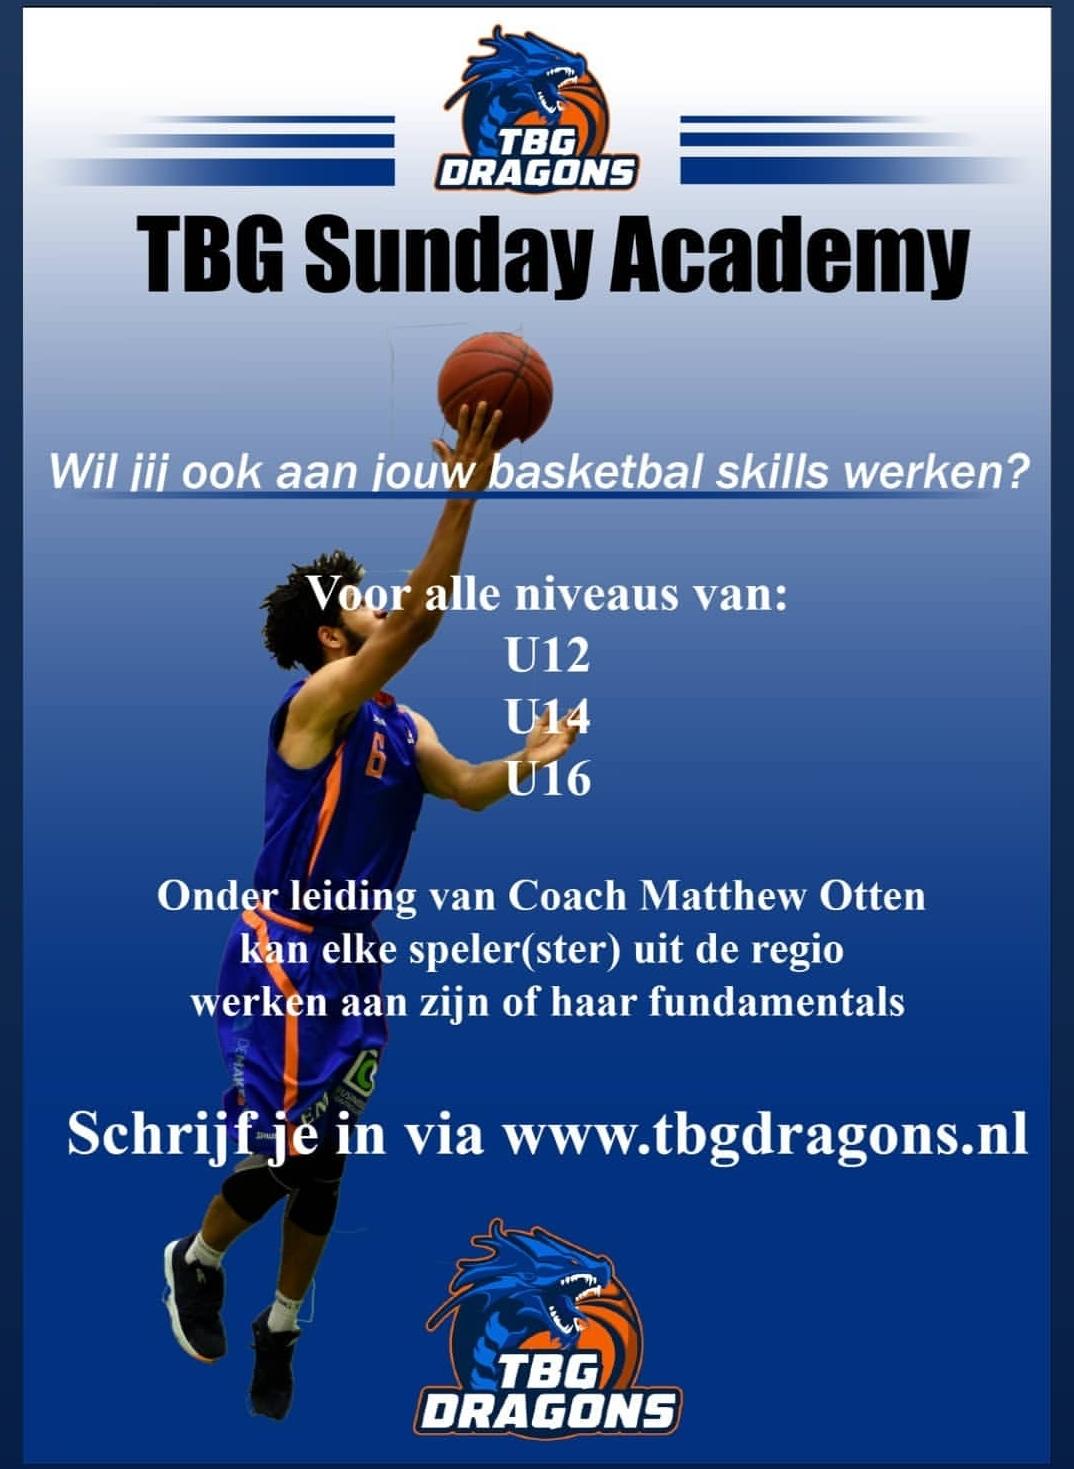 TBG Dragons Sunday Academy